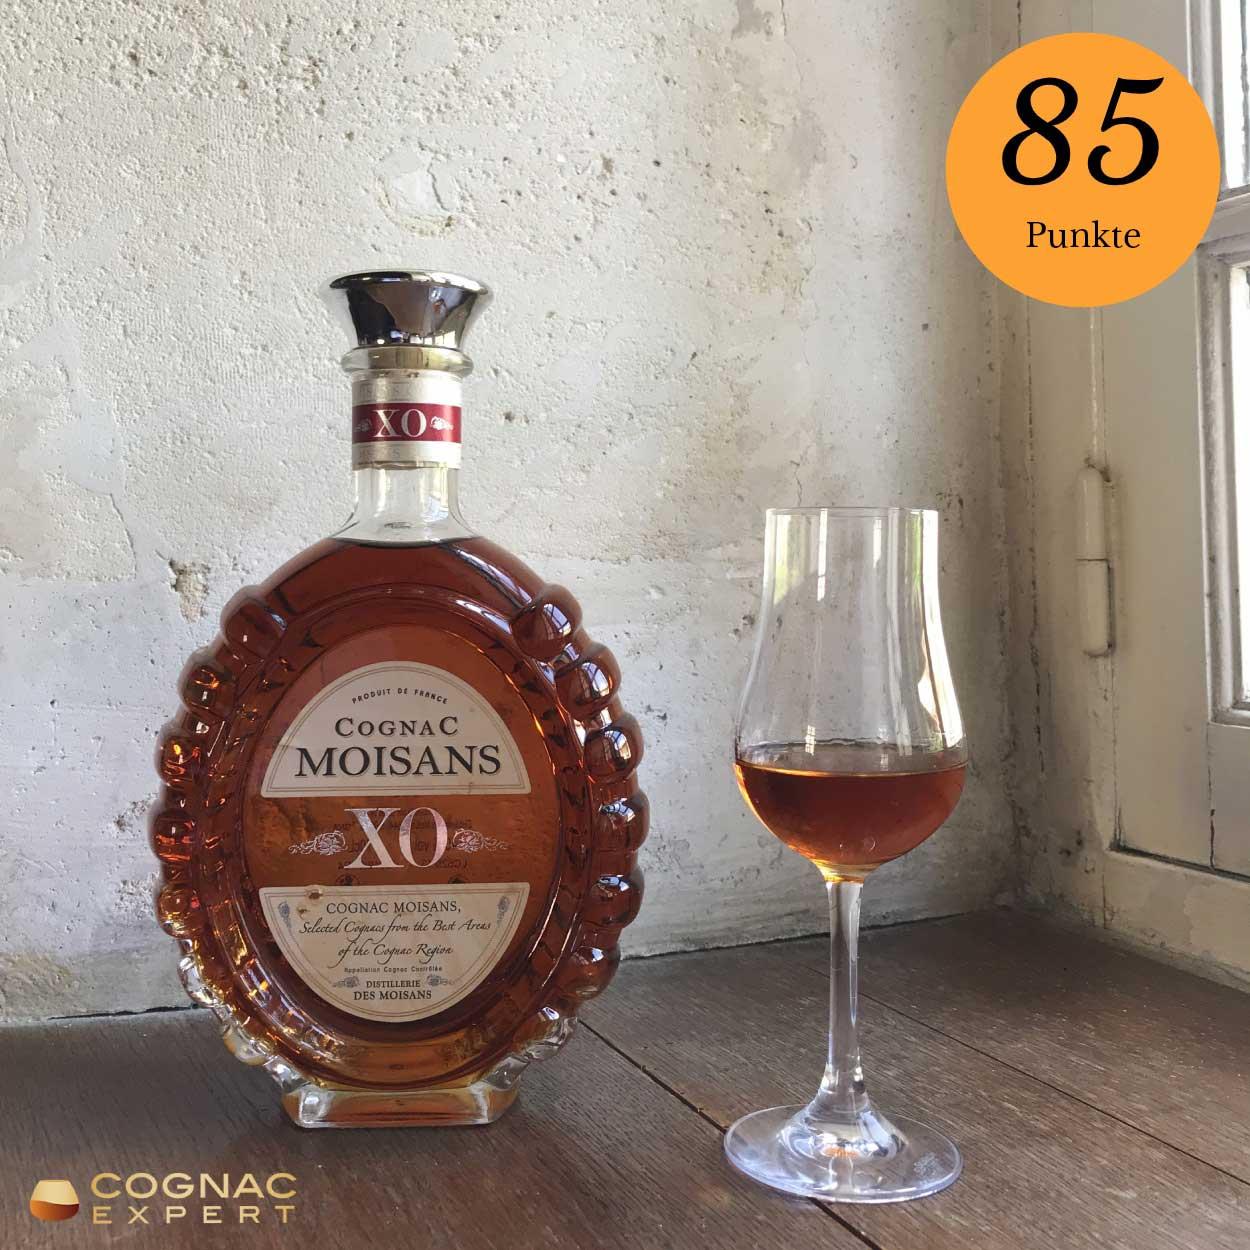 Moisans XO Cognac